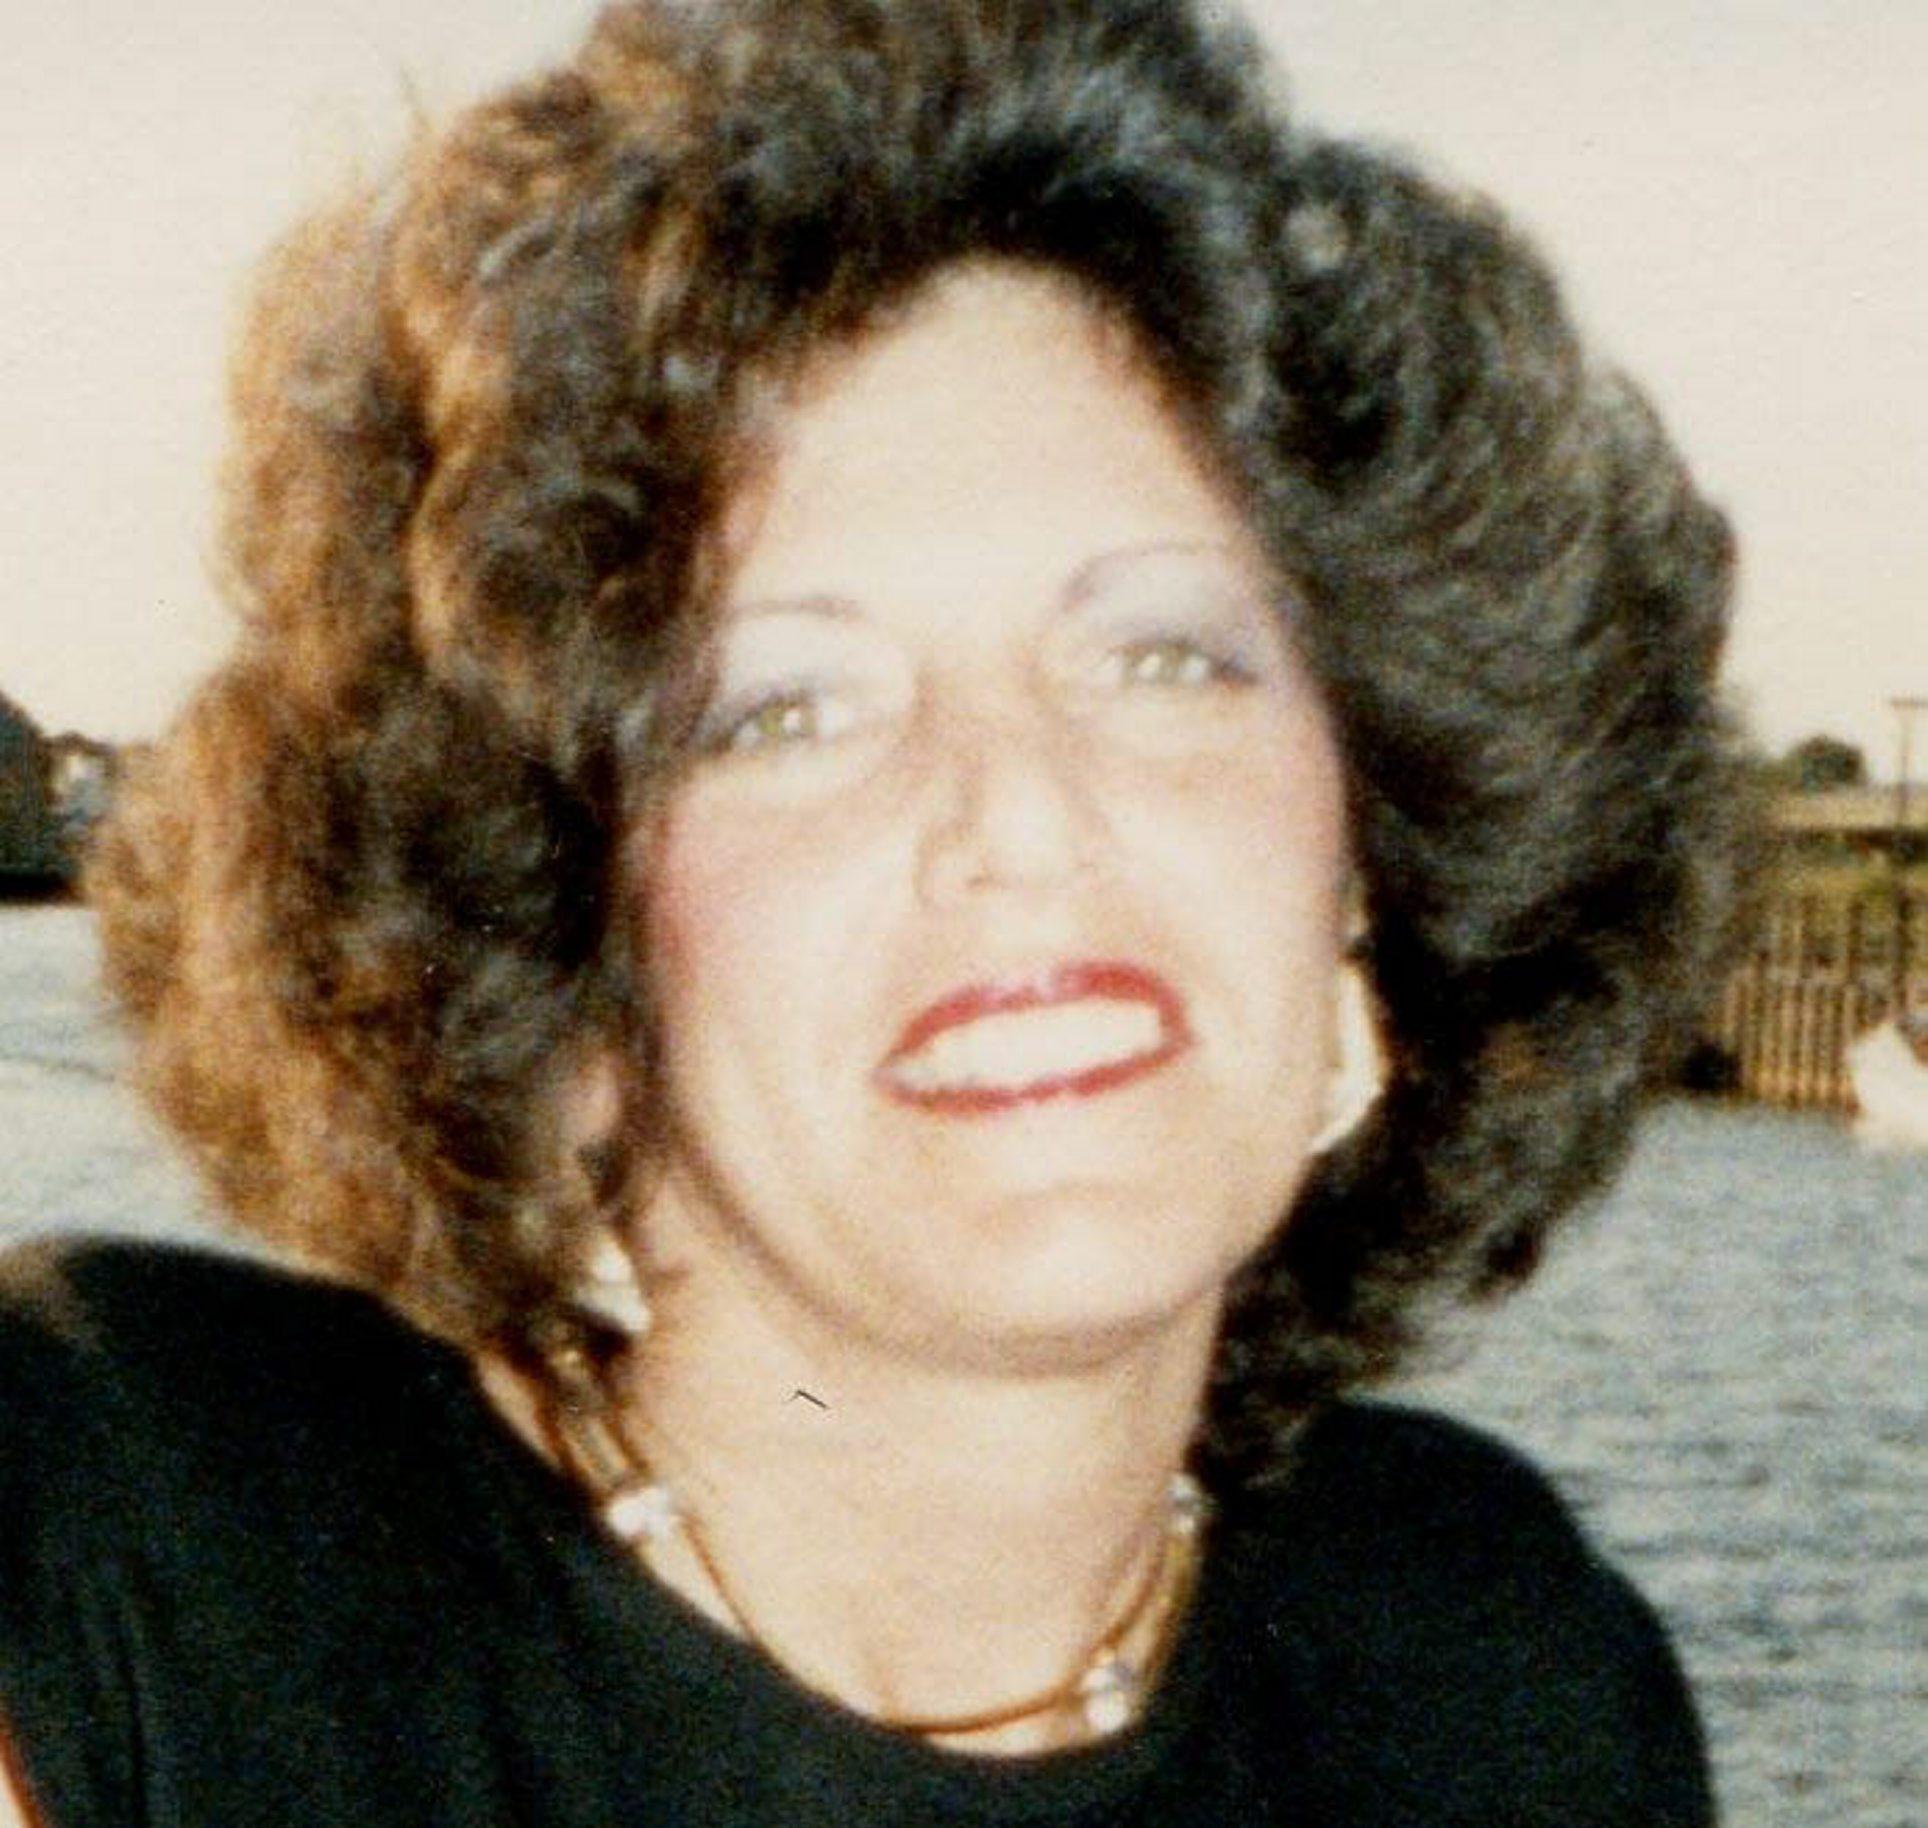 Rosemary Loffredo